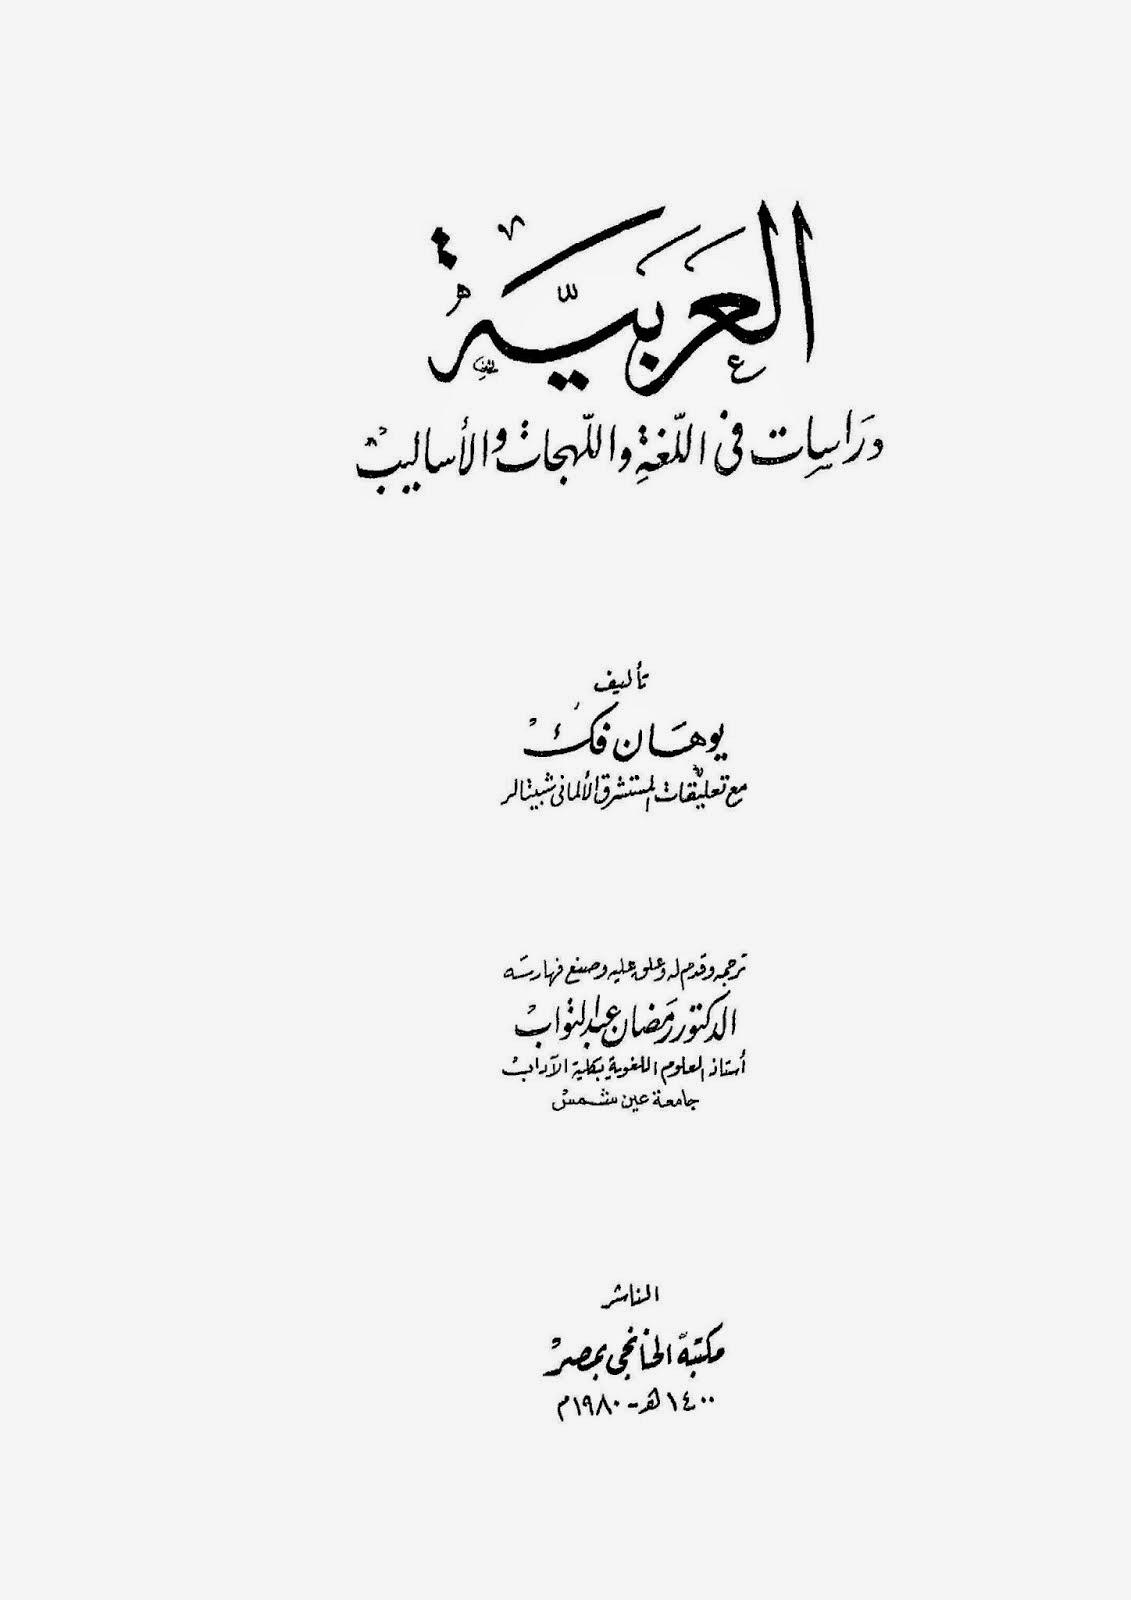 العربية: دراسات في اللغة واللهجات والأساليب لـ يوهان فك